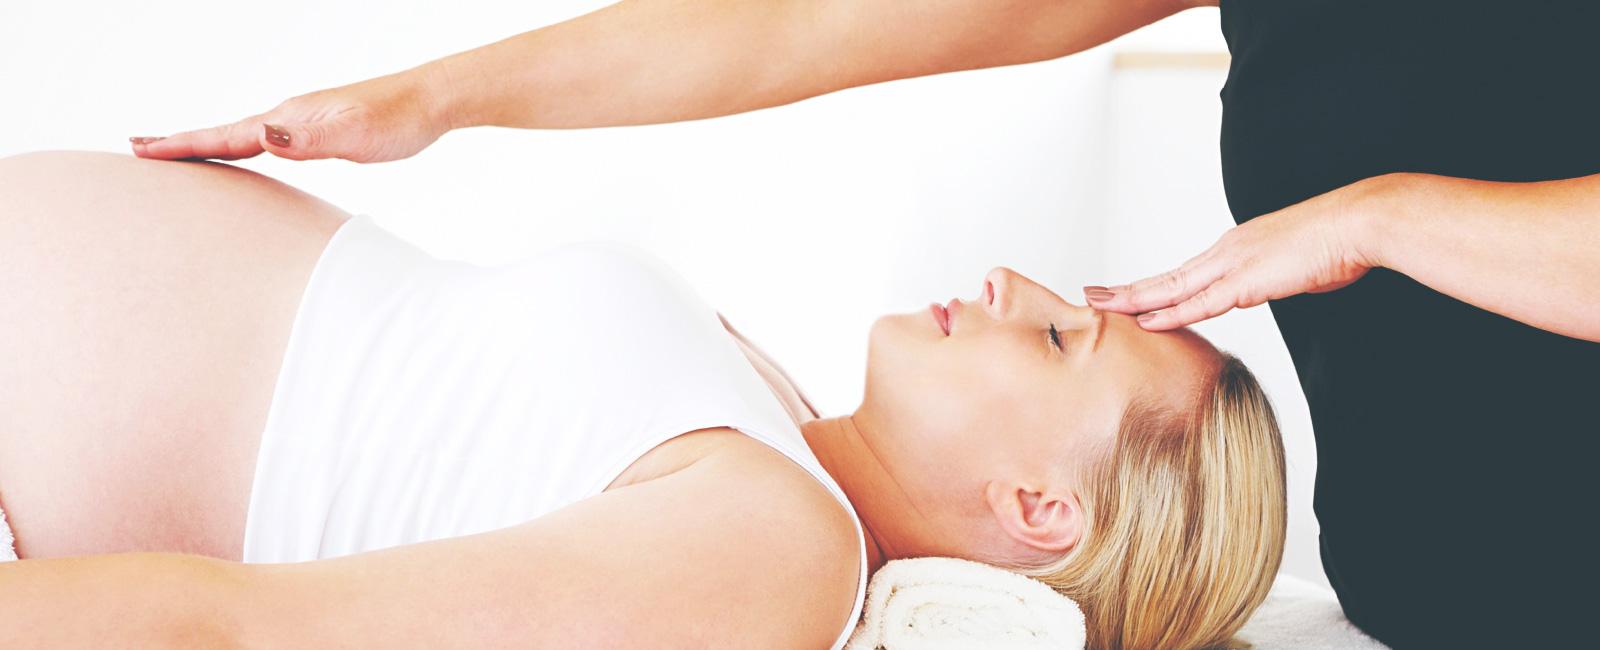 Pregnancy Spa Treatments Ponte Vedra